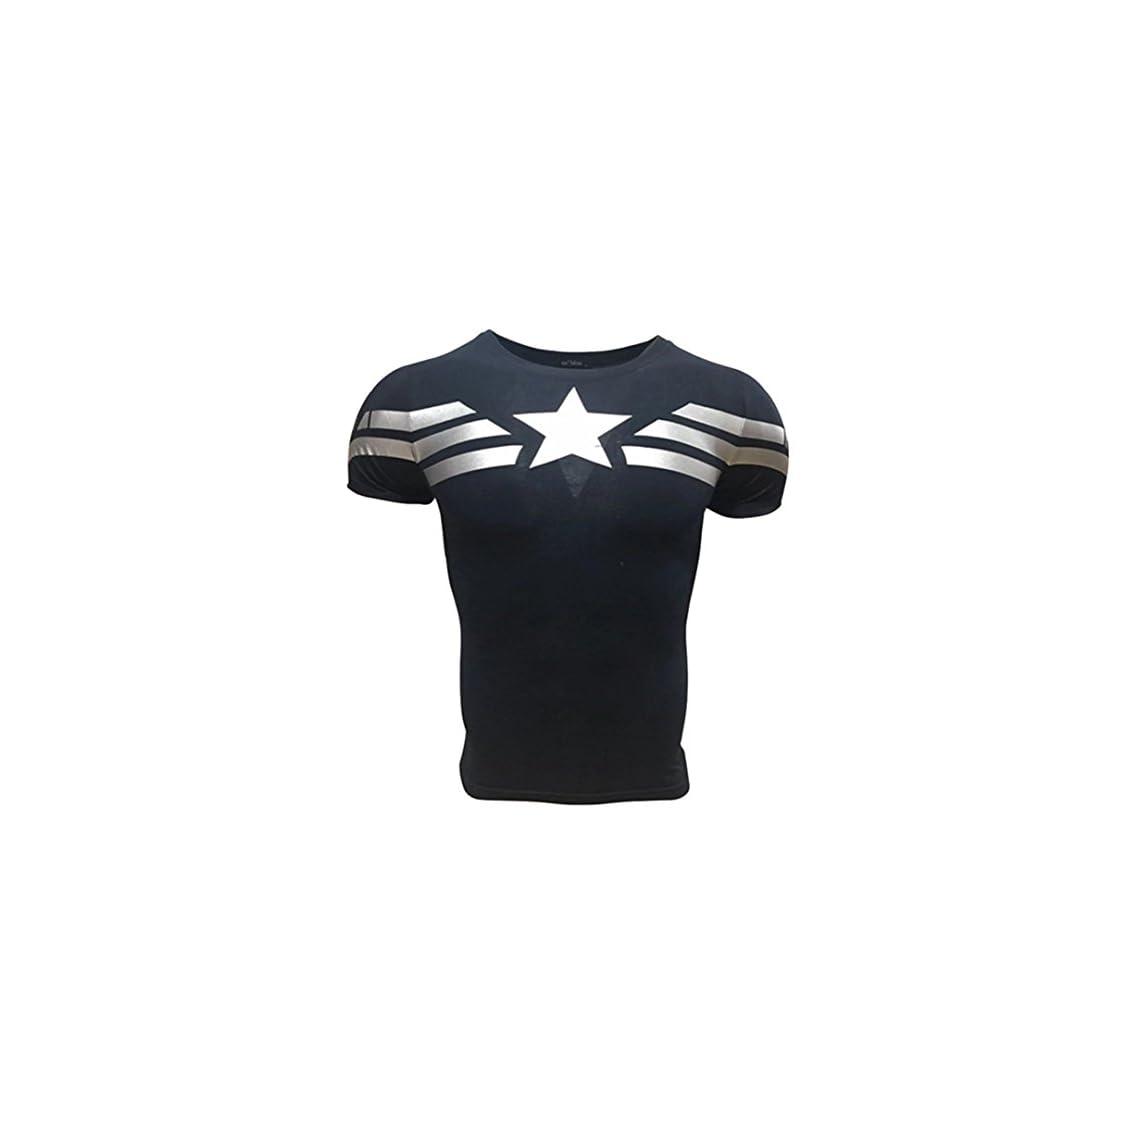 e2672df98513d A. M. Sport Camiseta Fitness Compresion Hombre con Dibujos de Superheroes  para Entrenar y Hacer Deporte.